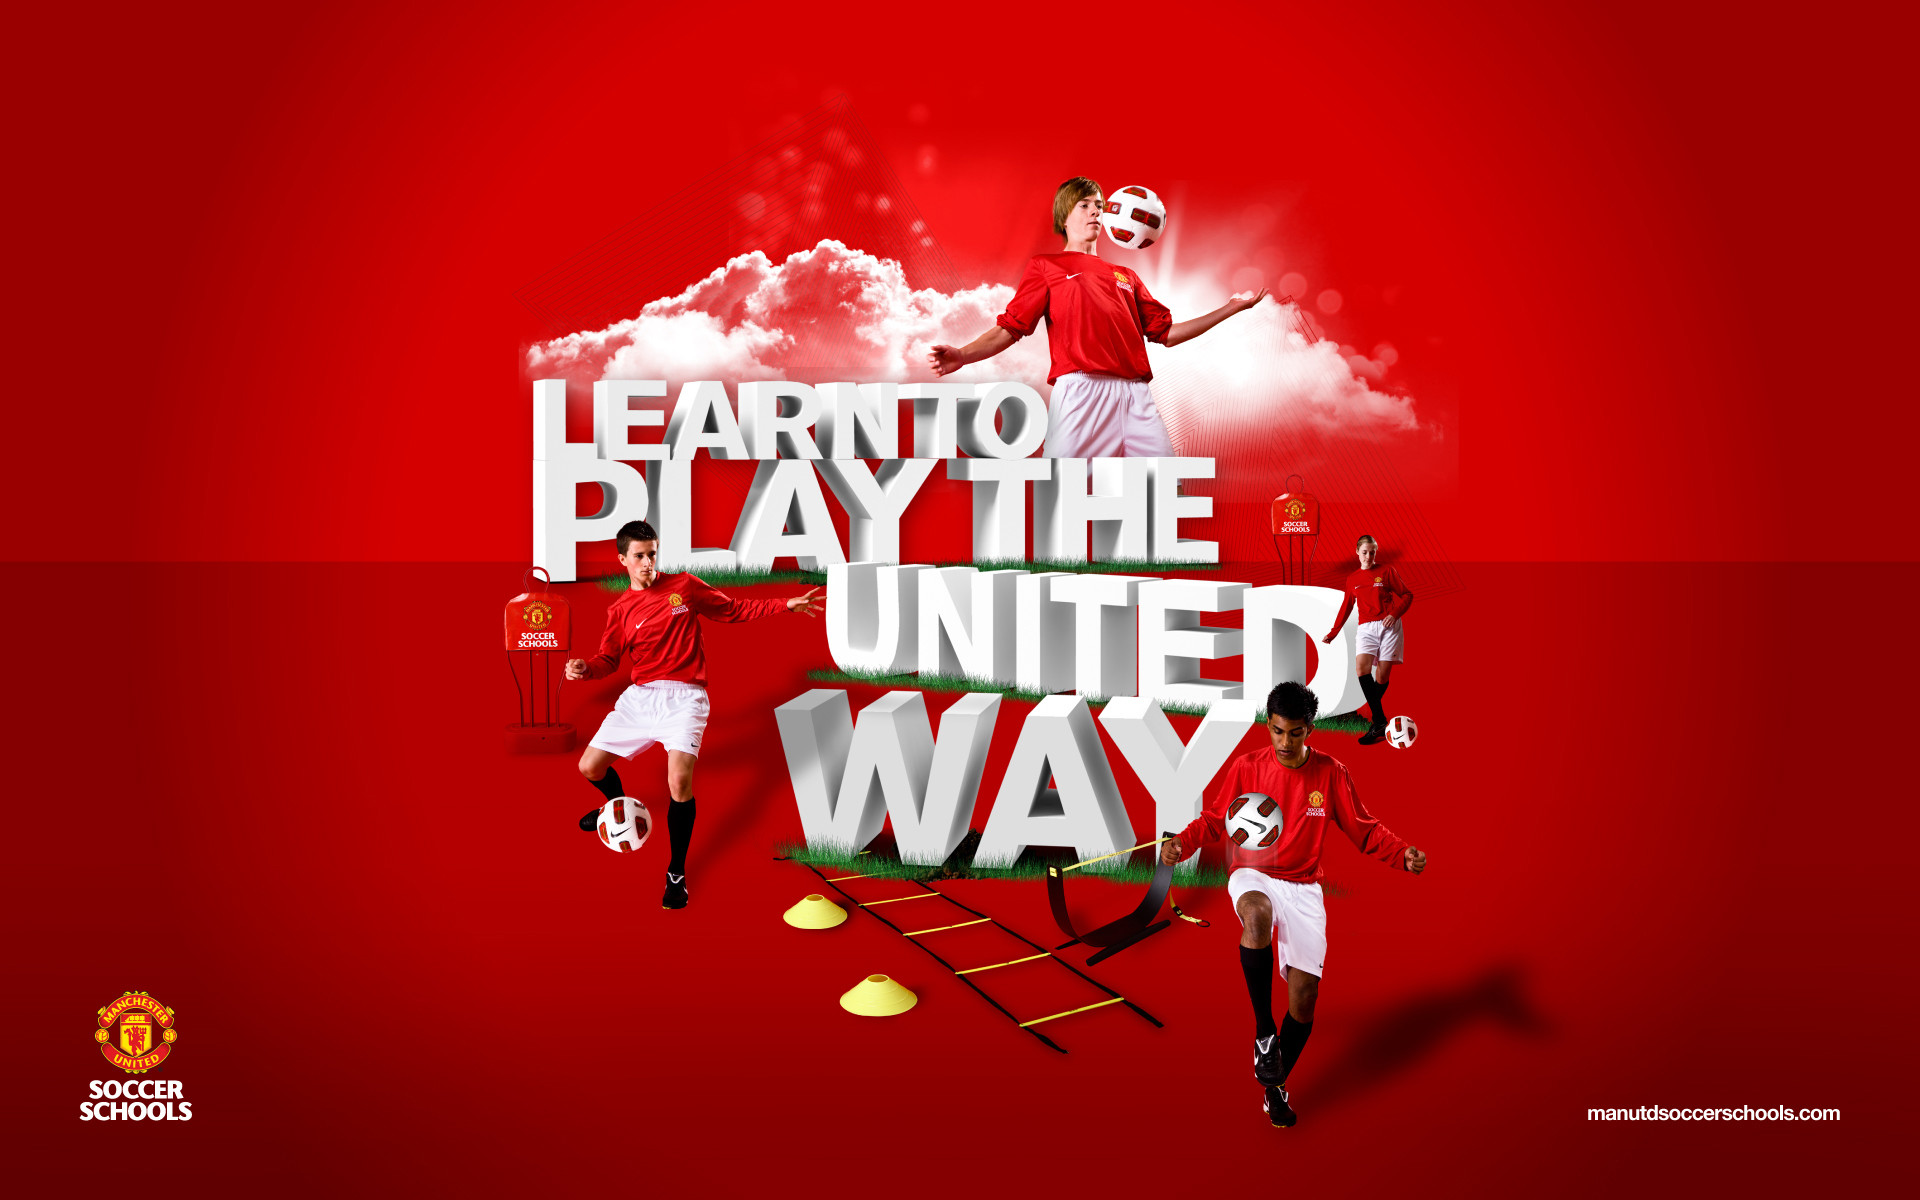 Manchester United Wallpaper 2014 | Class Gratis